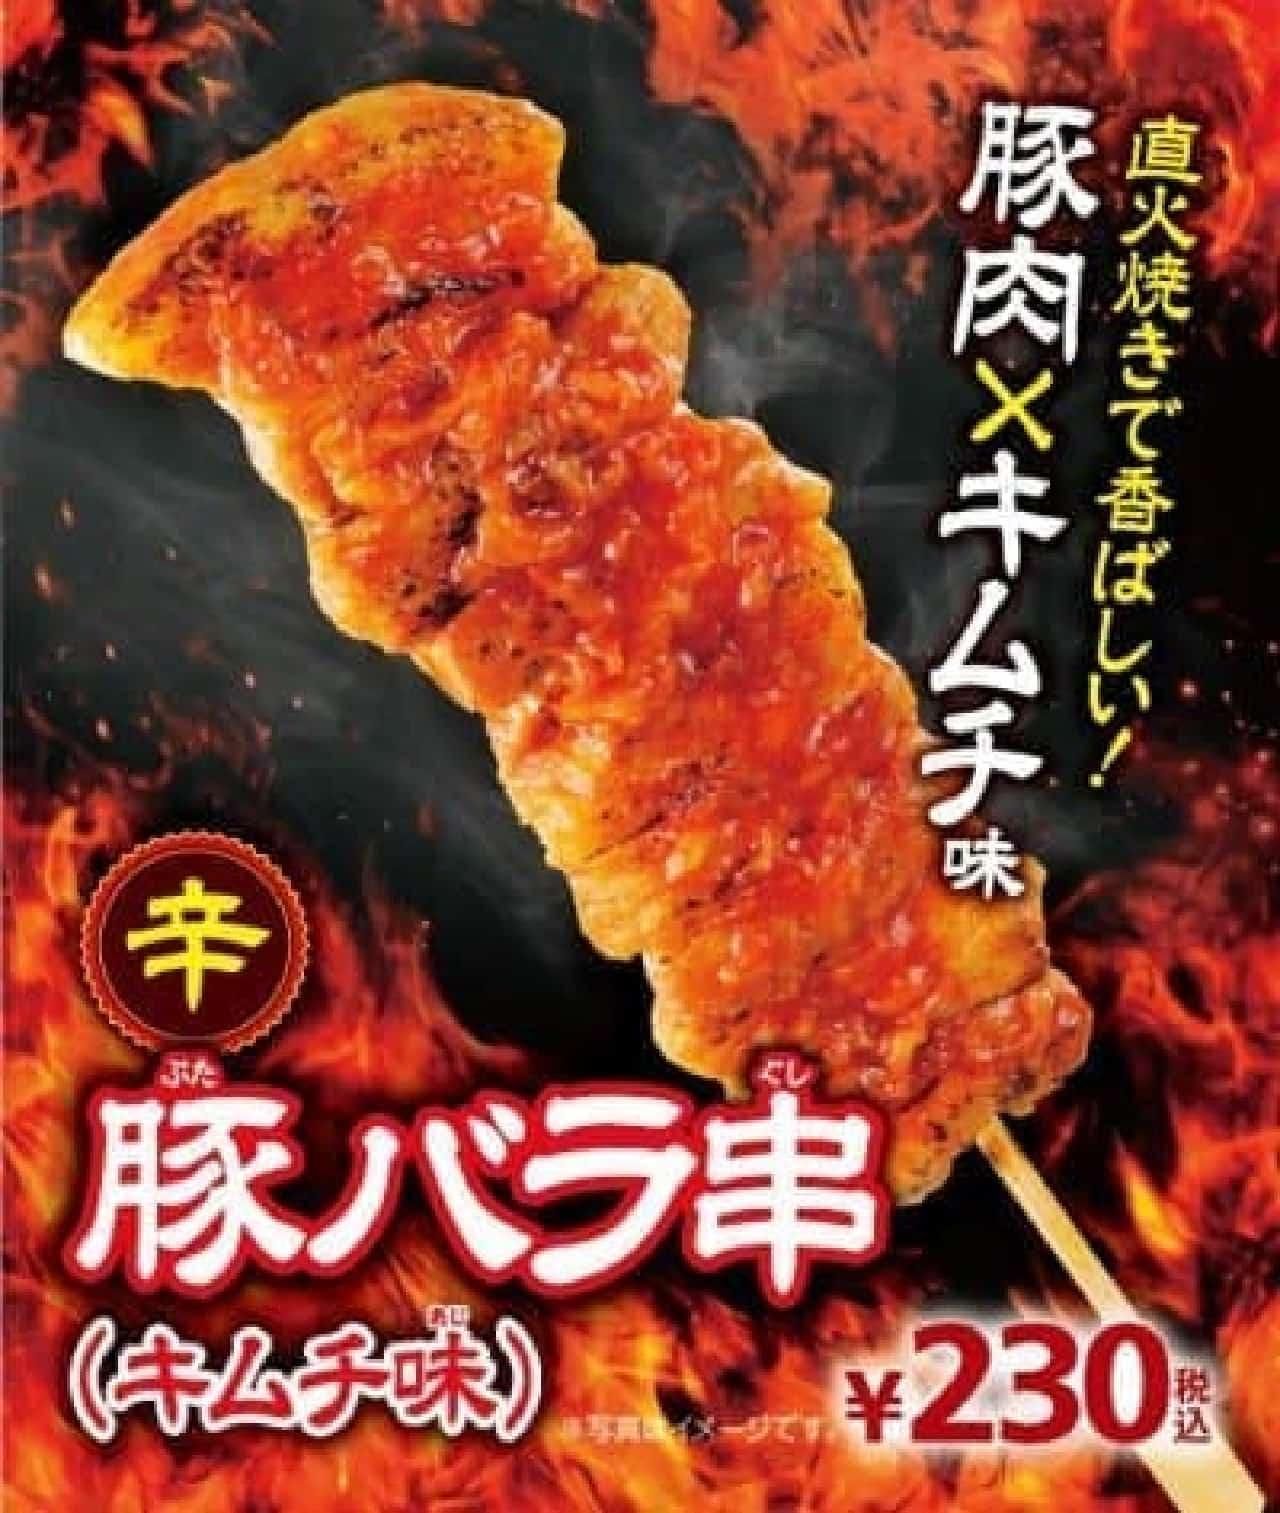 ミニストップ「豚バラ串(キムチ味)」